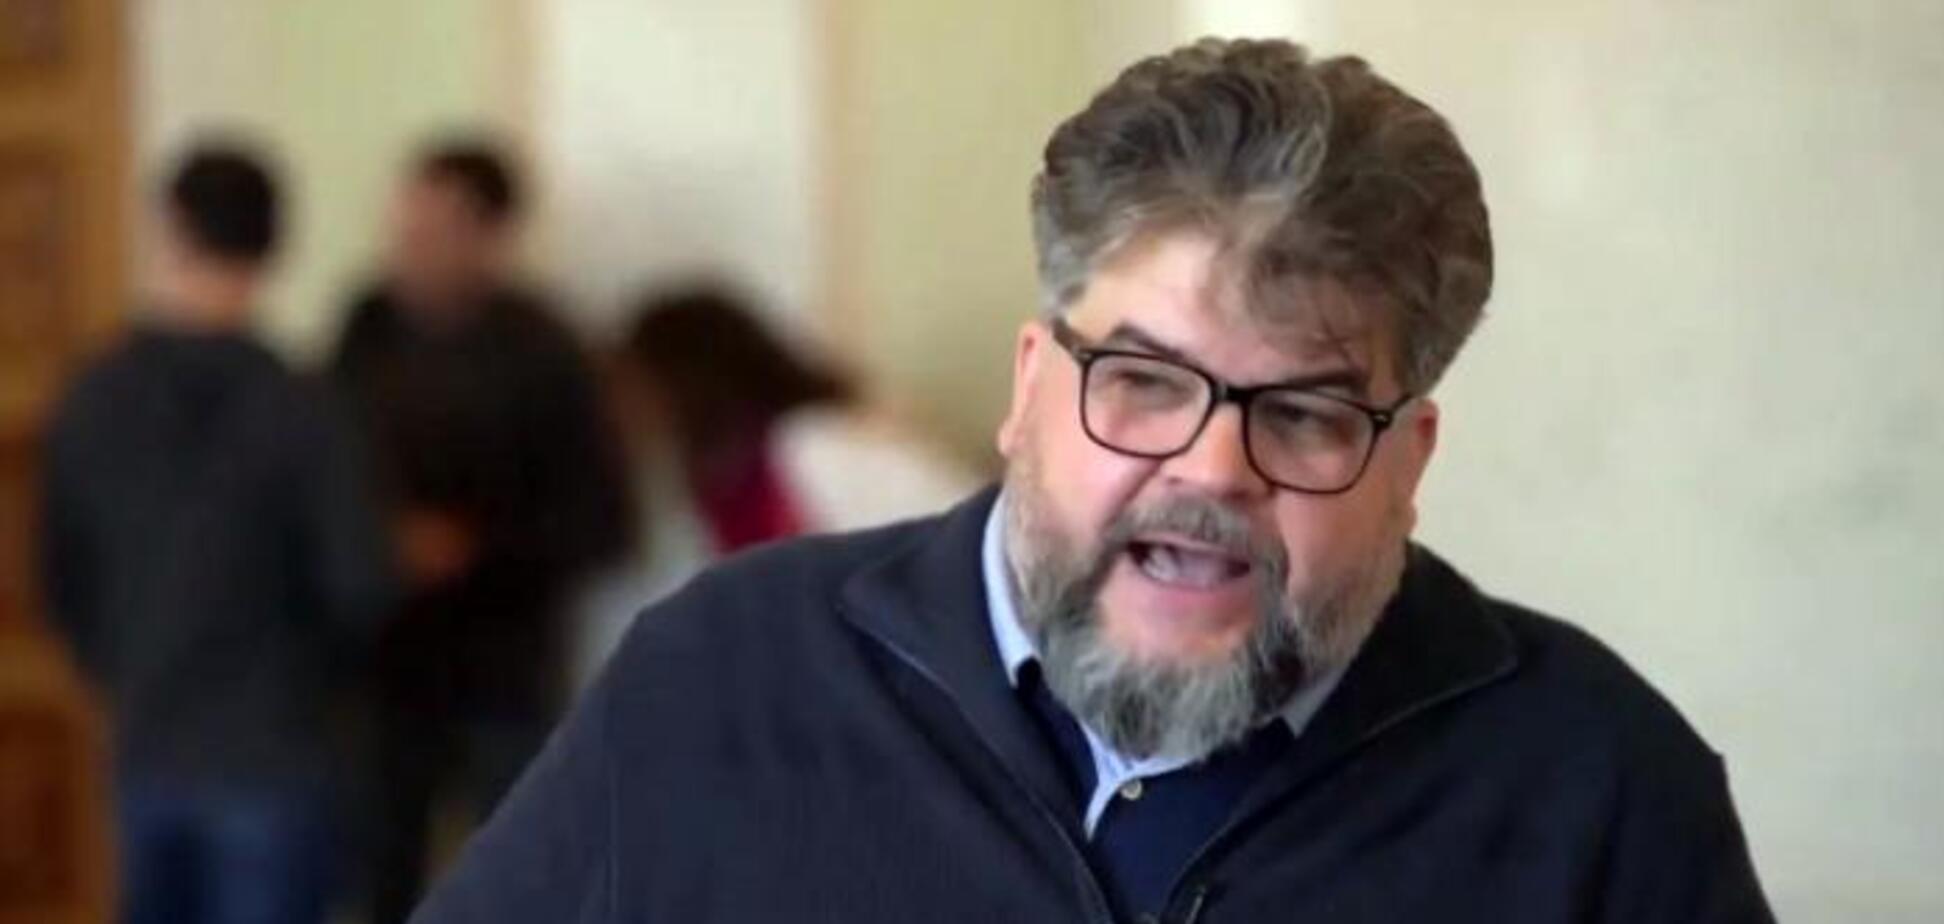 Скандальний депутат назвав паніку в Нових Санжарах 'інформаційною операцією'